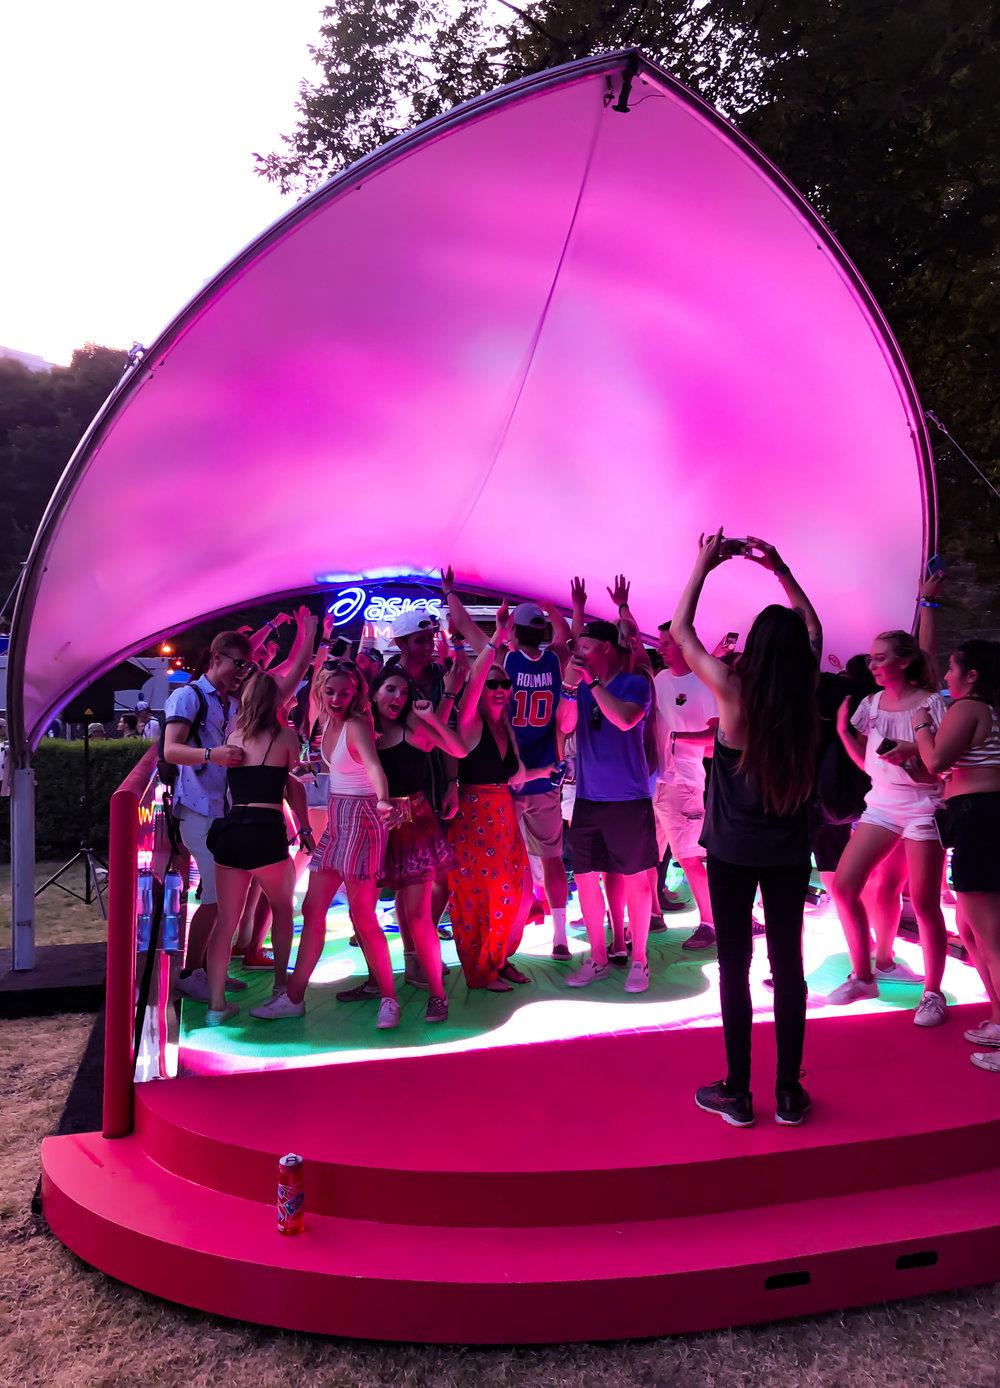 activefloor-asics-lollapalooza-dancing3.jpg